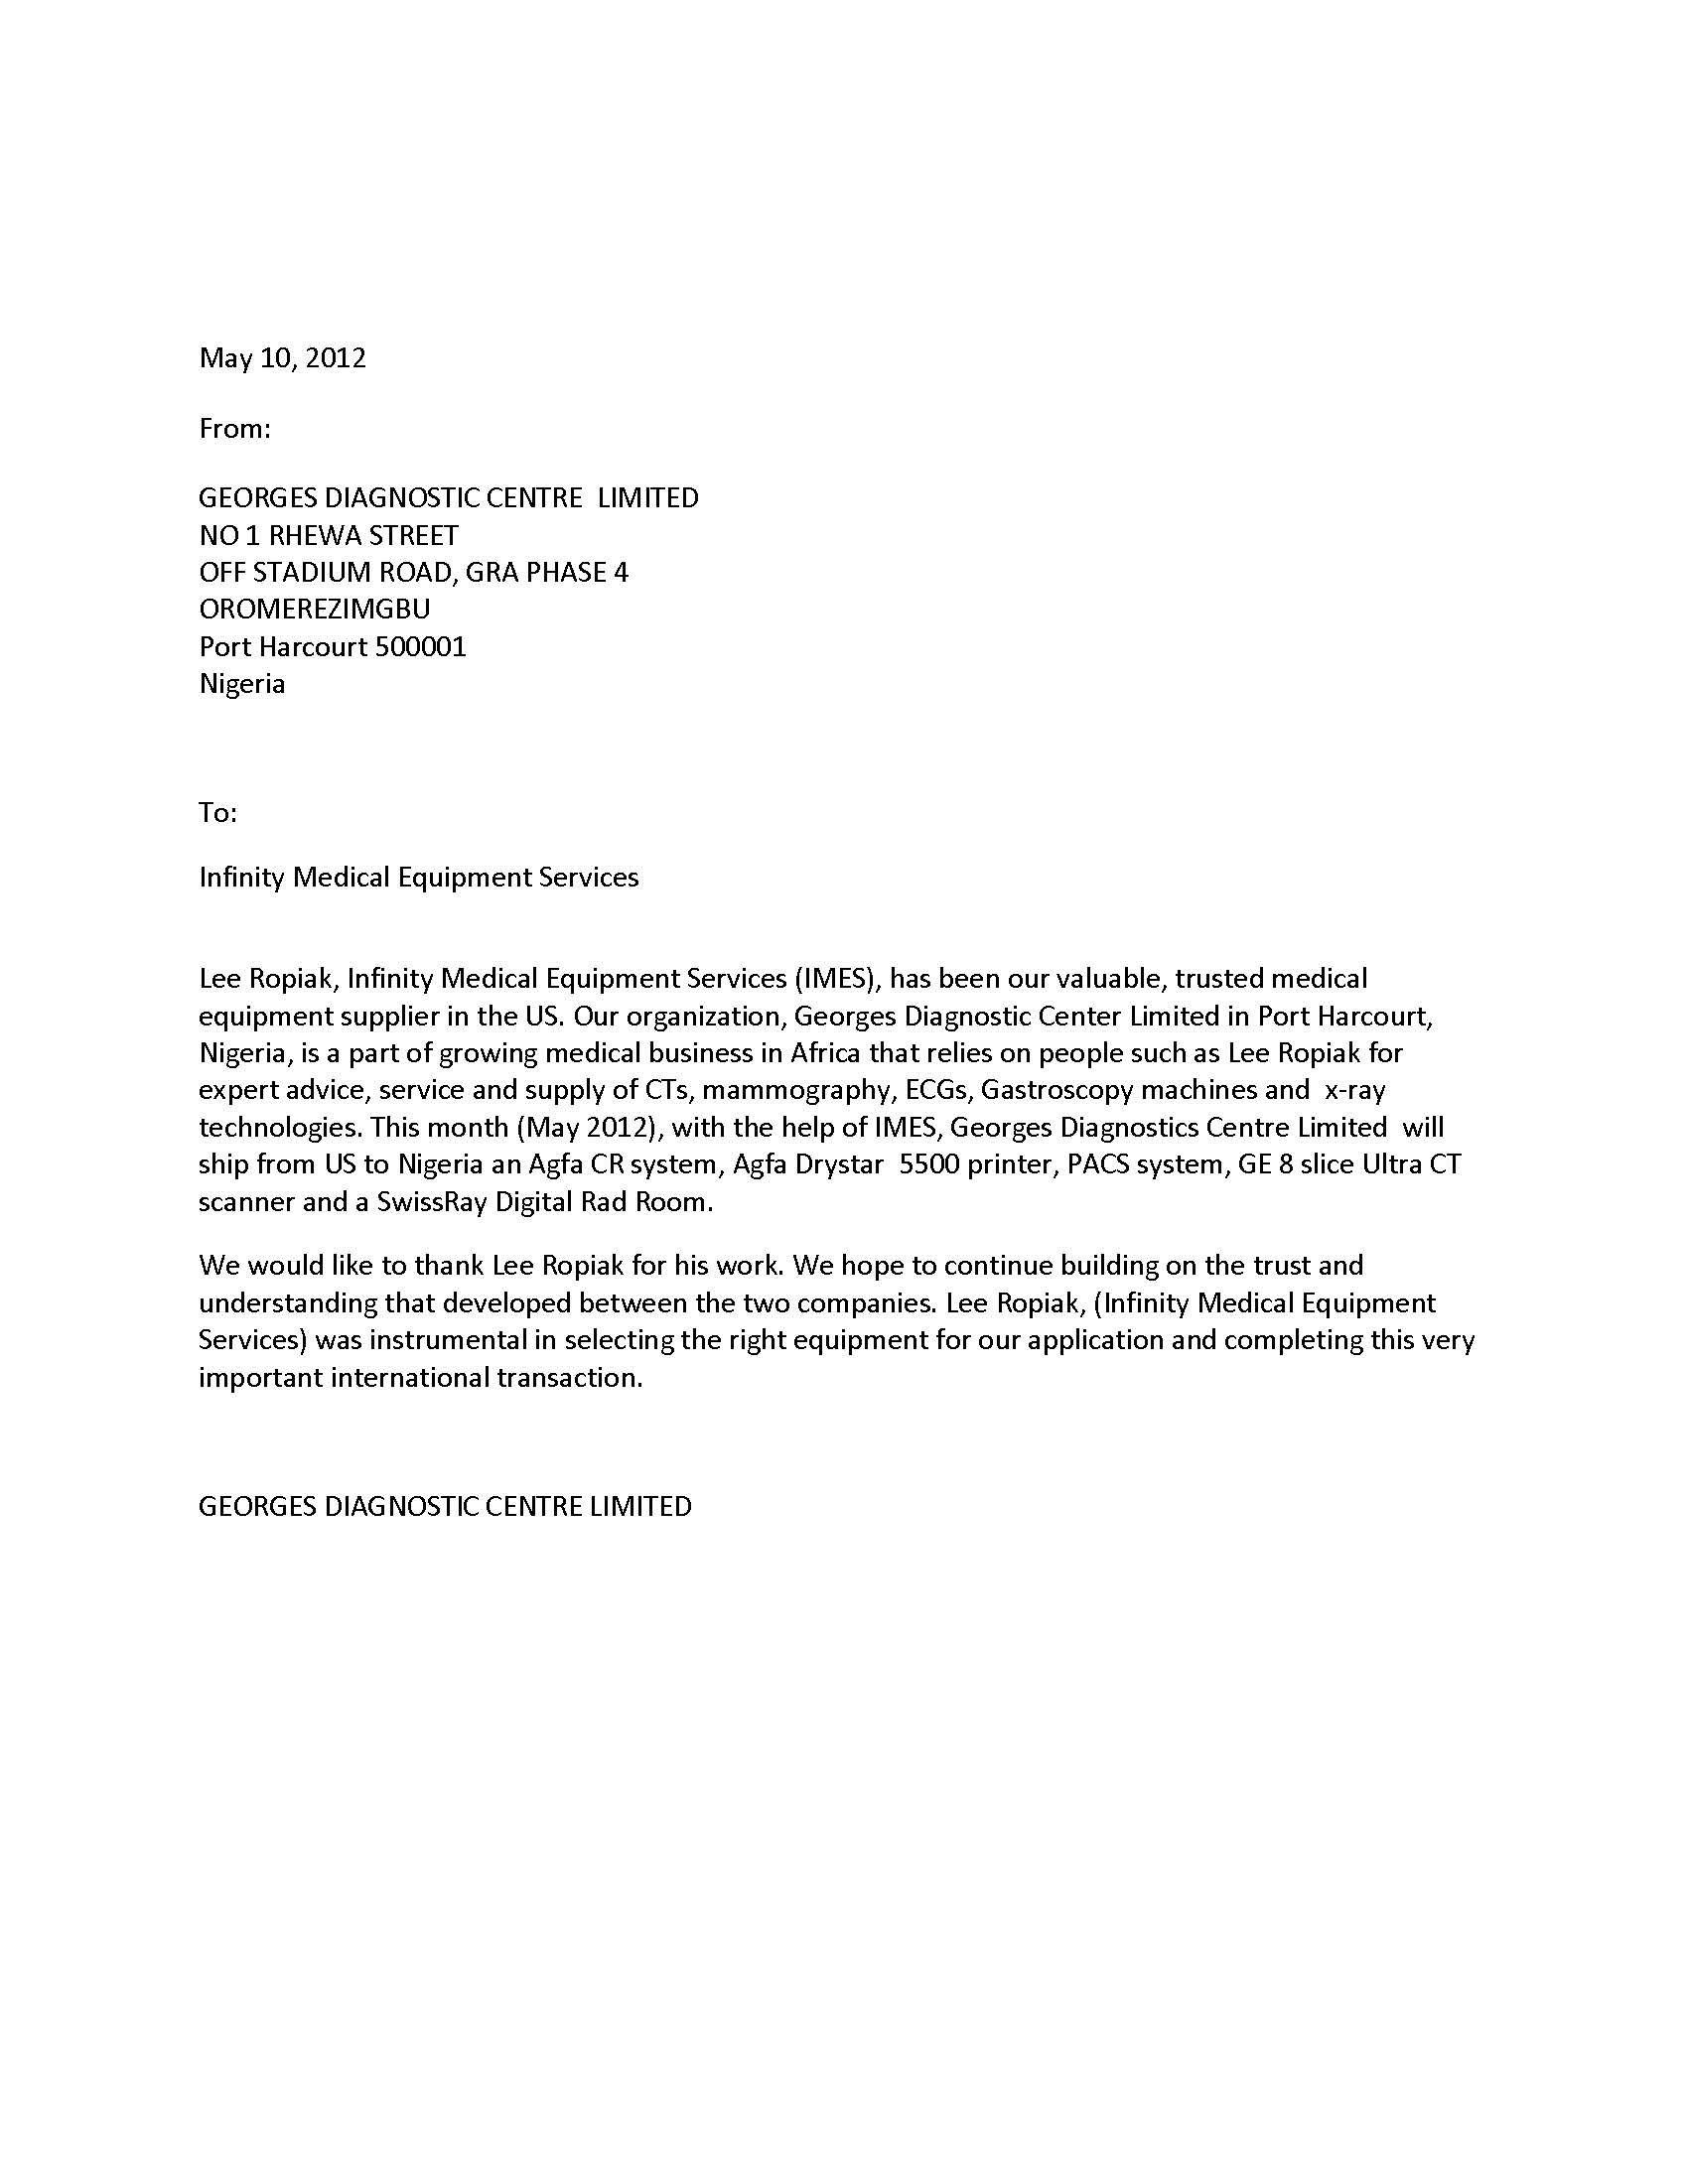 Bag Handler Cover Letter Electronic Test Engineer Registered Nurse Sample  Nigerianreferences Nursehtml